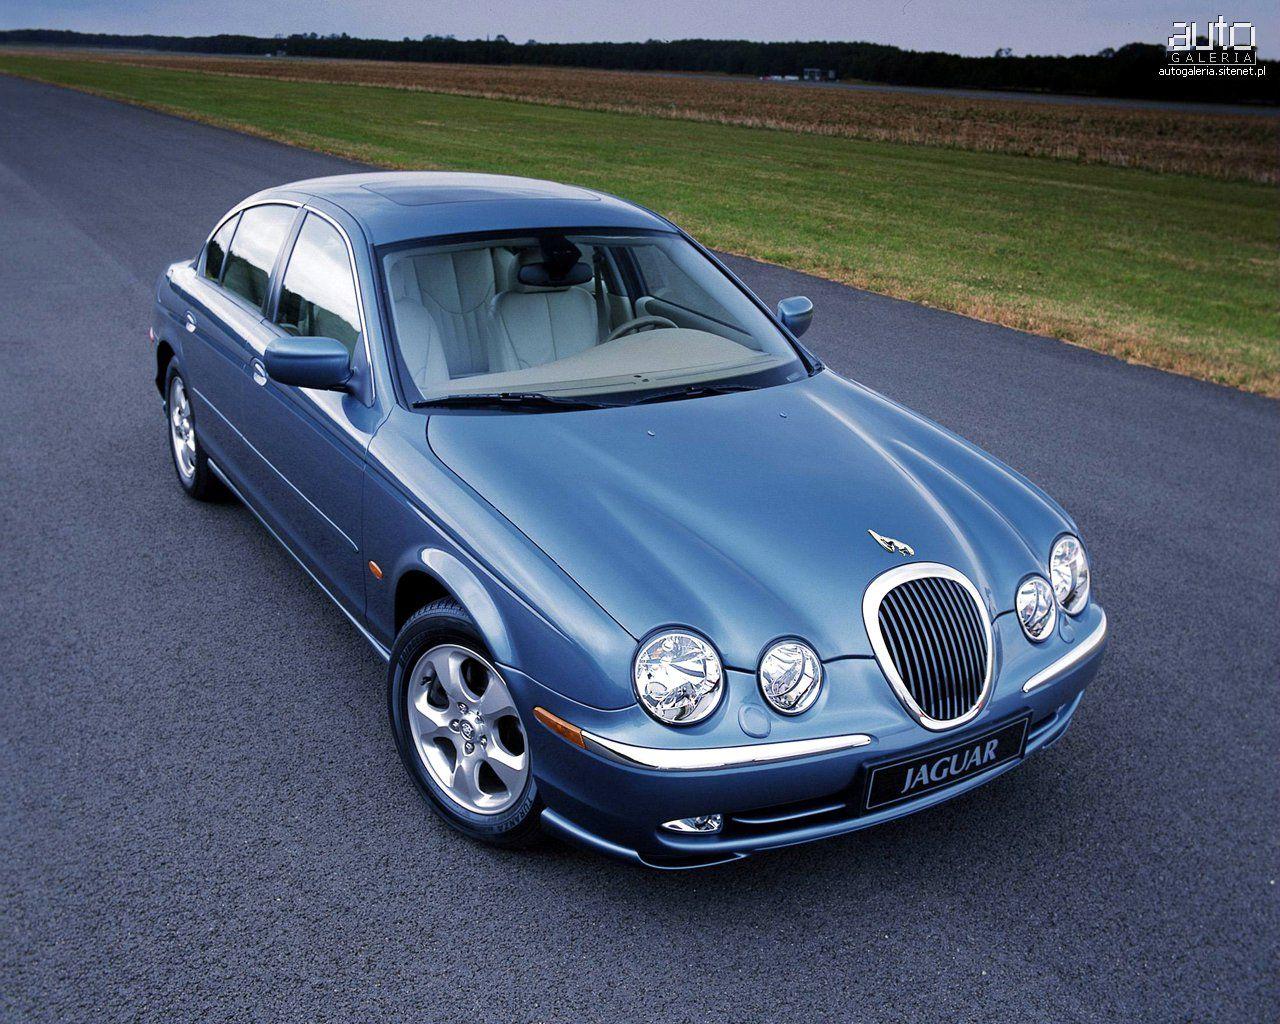 best 25 jaguar s type ideas on pinterest jaguar cars. Black Bedroom Furniture Sets. Home Design Ideas